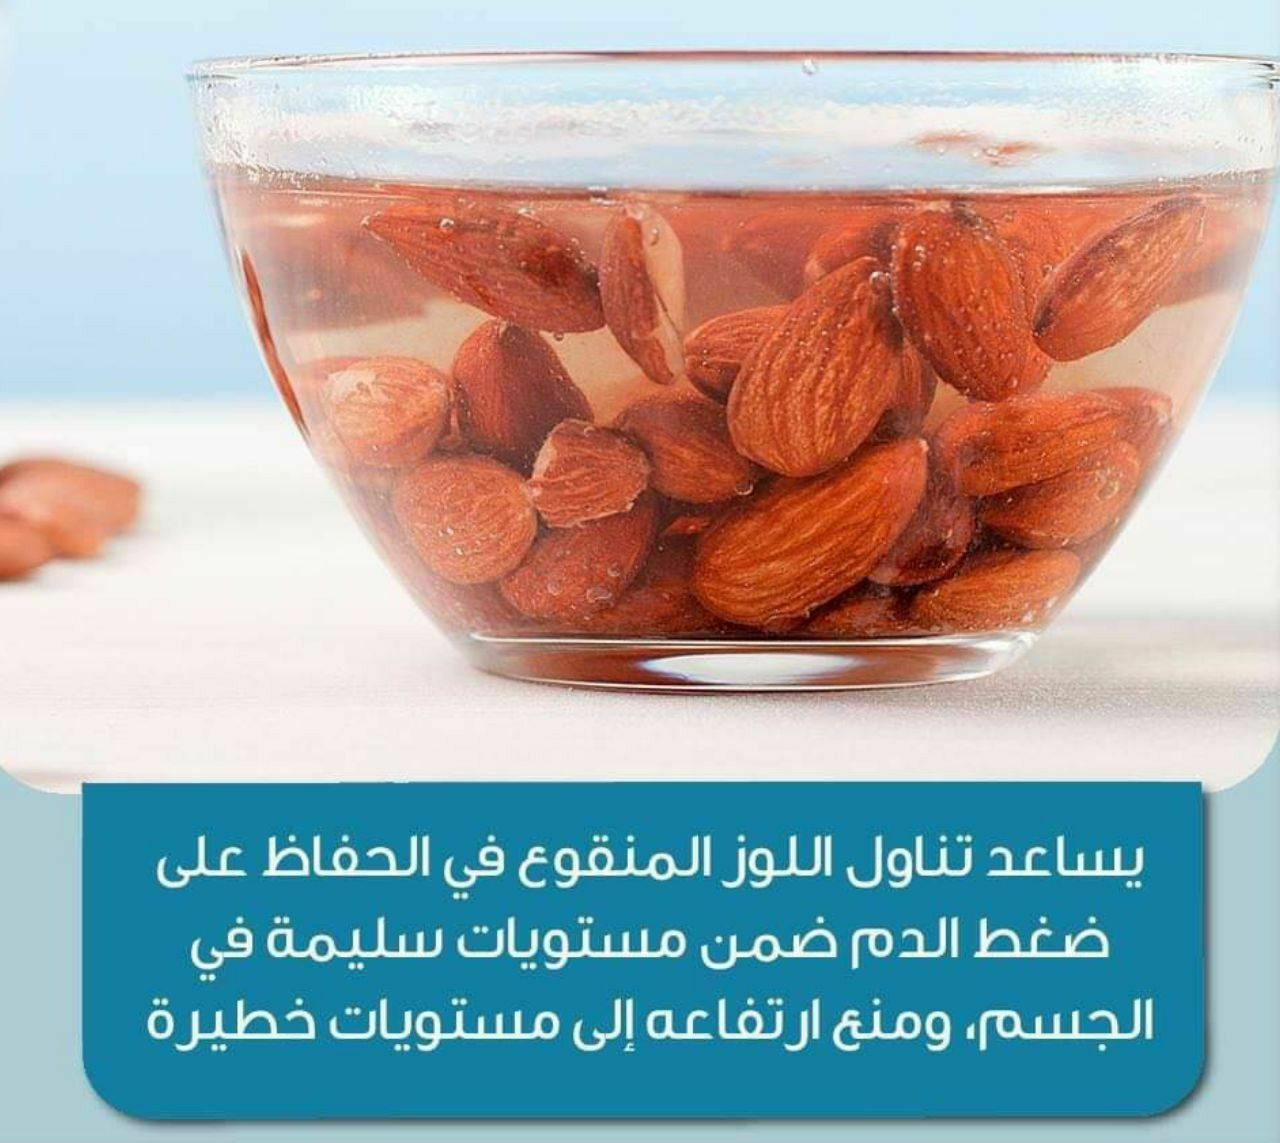 فائدة اللوز المنقوع في الماء Healthy Recipes Food Healthy